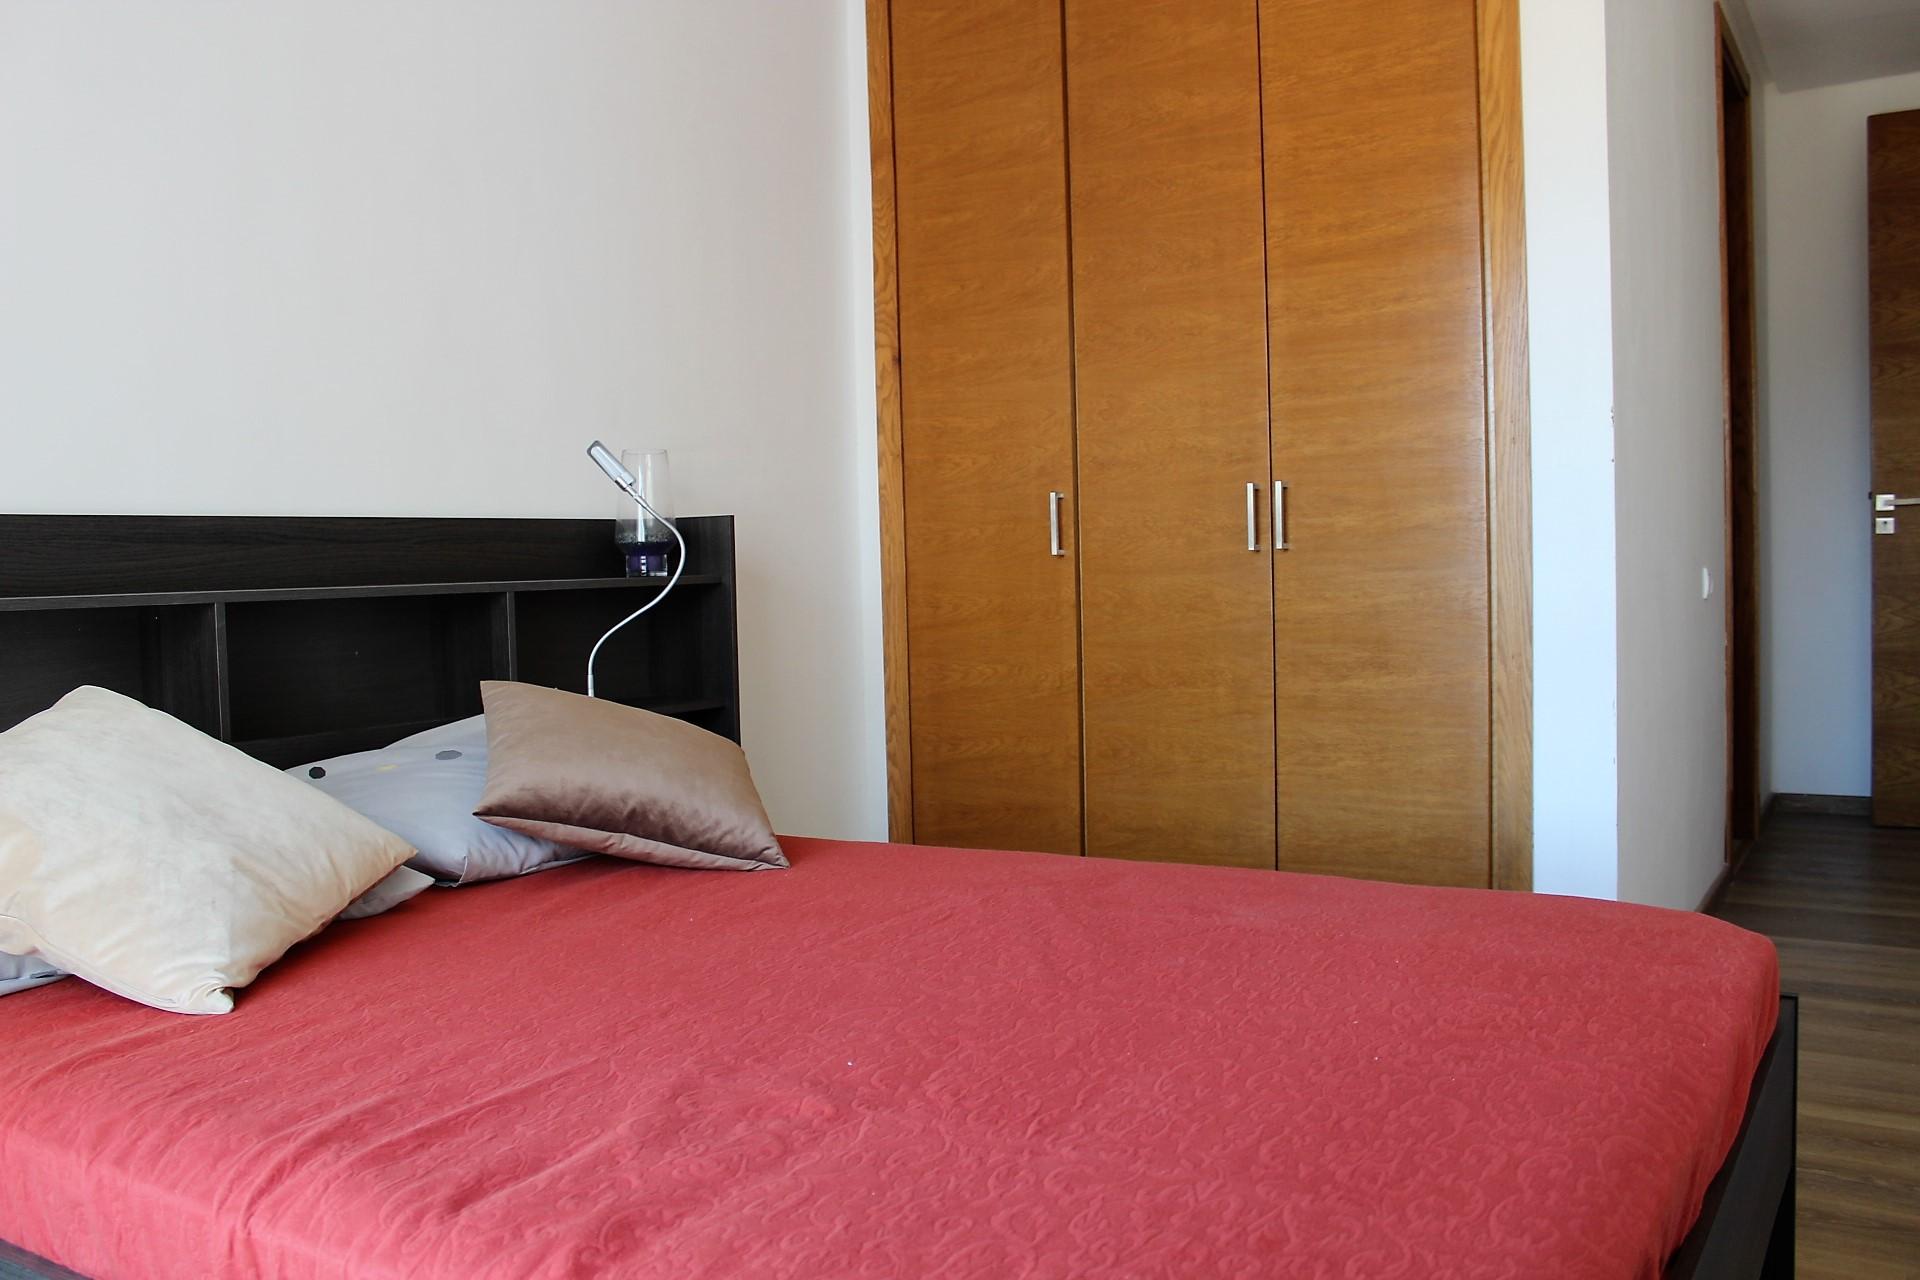 Casablanca Ain Diab, à louer 148 m2 meublé très haut standingdans résidence avec vue mer.